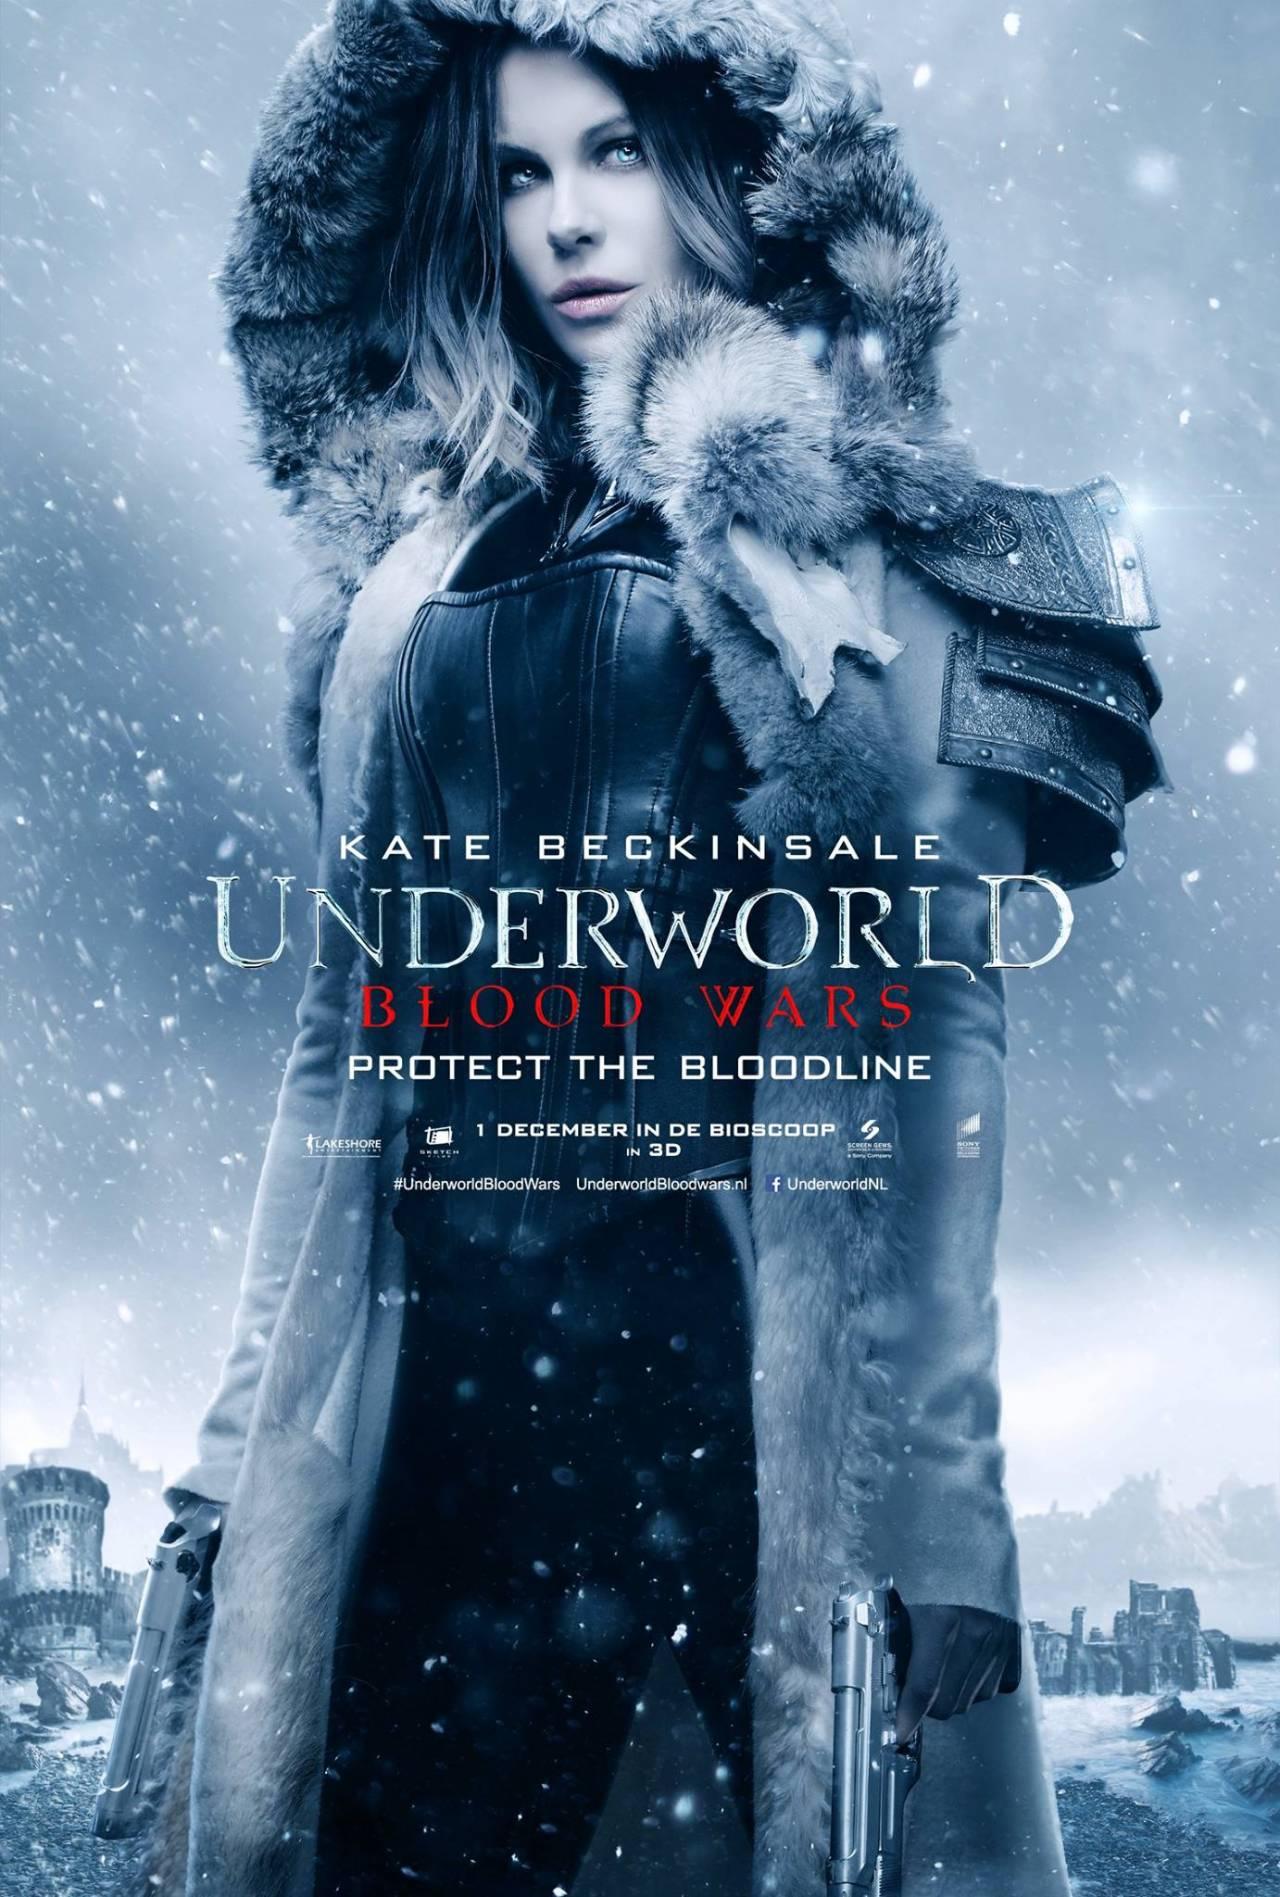 underworld-blood-wars-kate-beckinsale